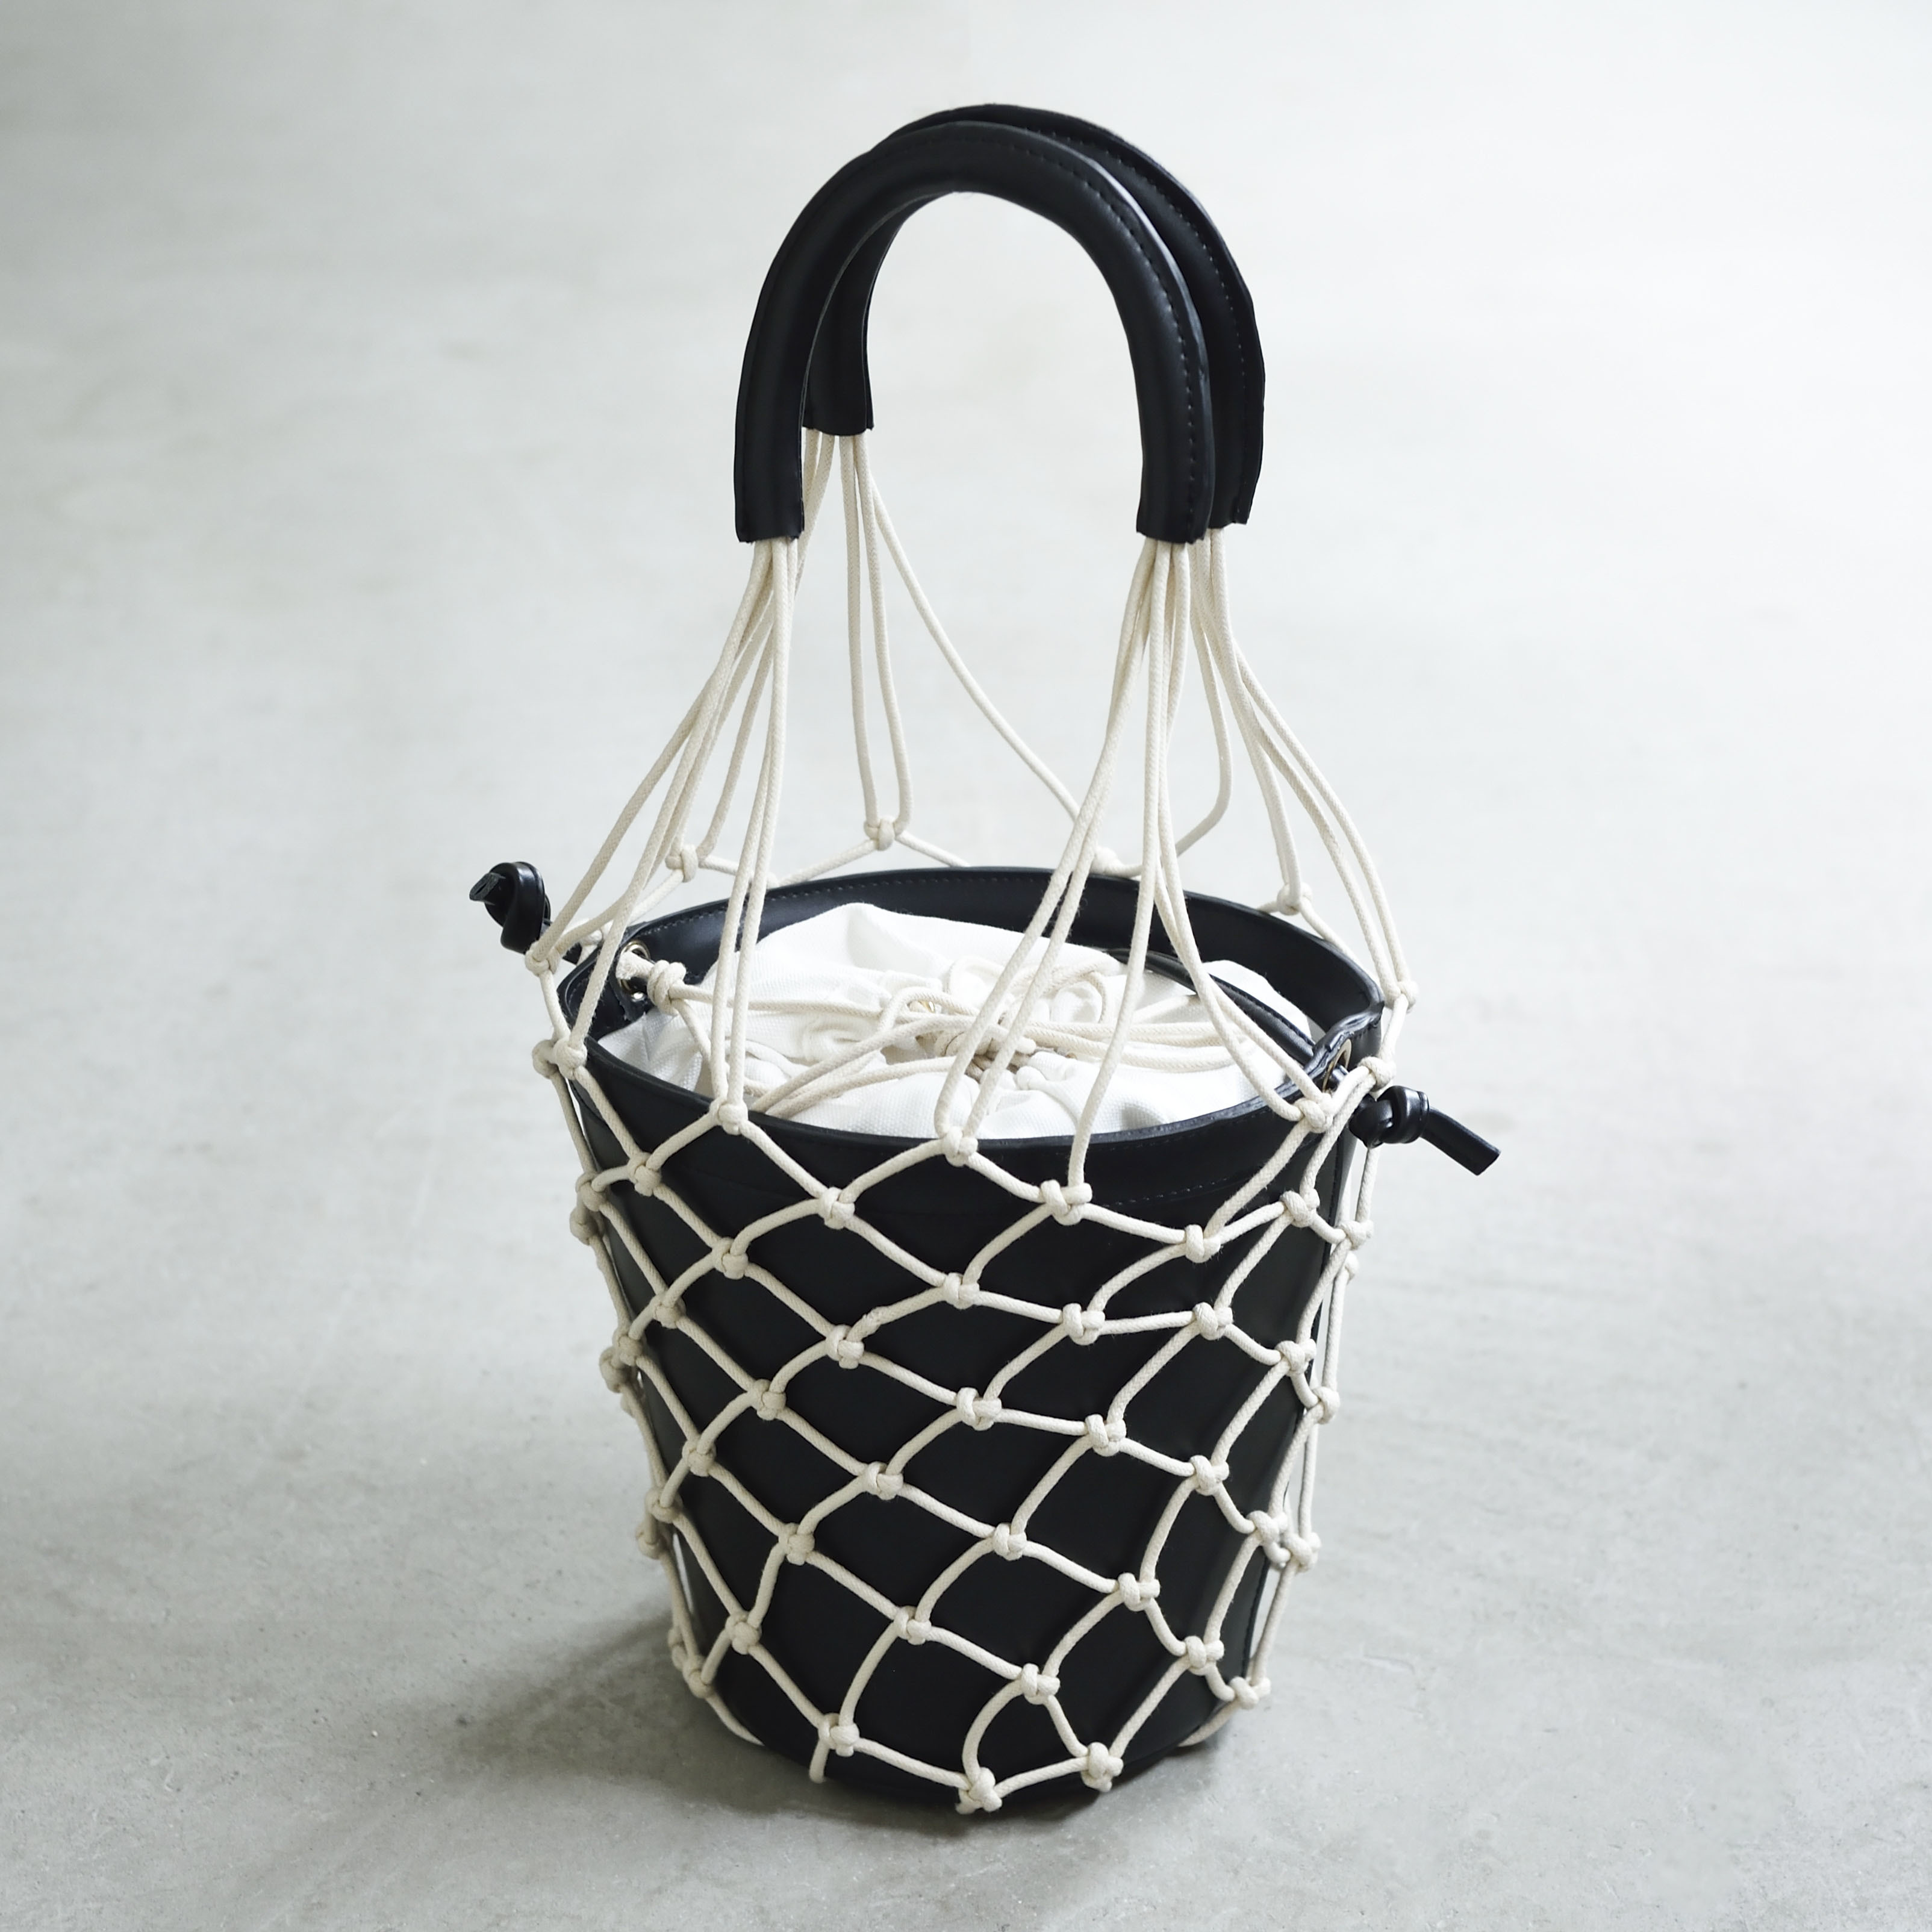 【Mesh-Leather-Basket 】Black